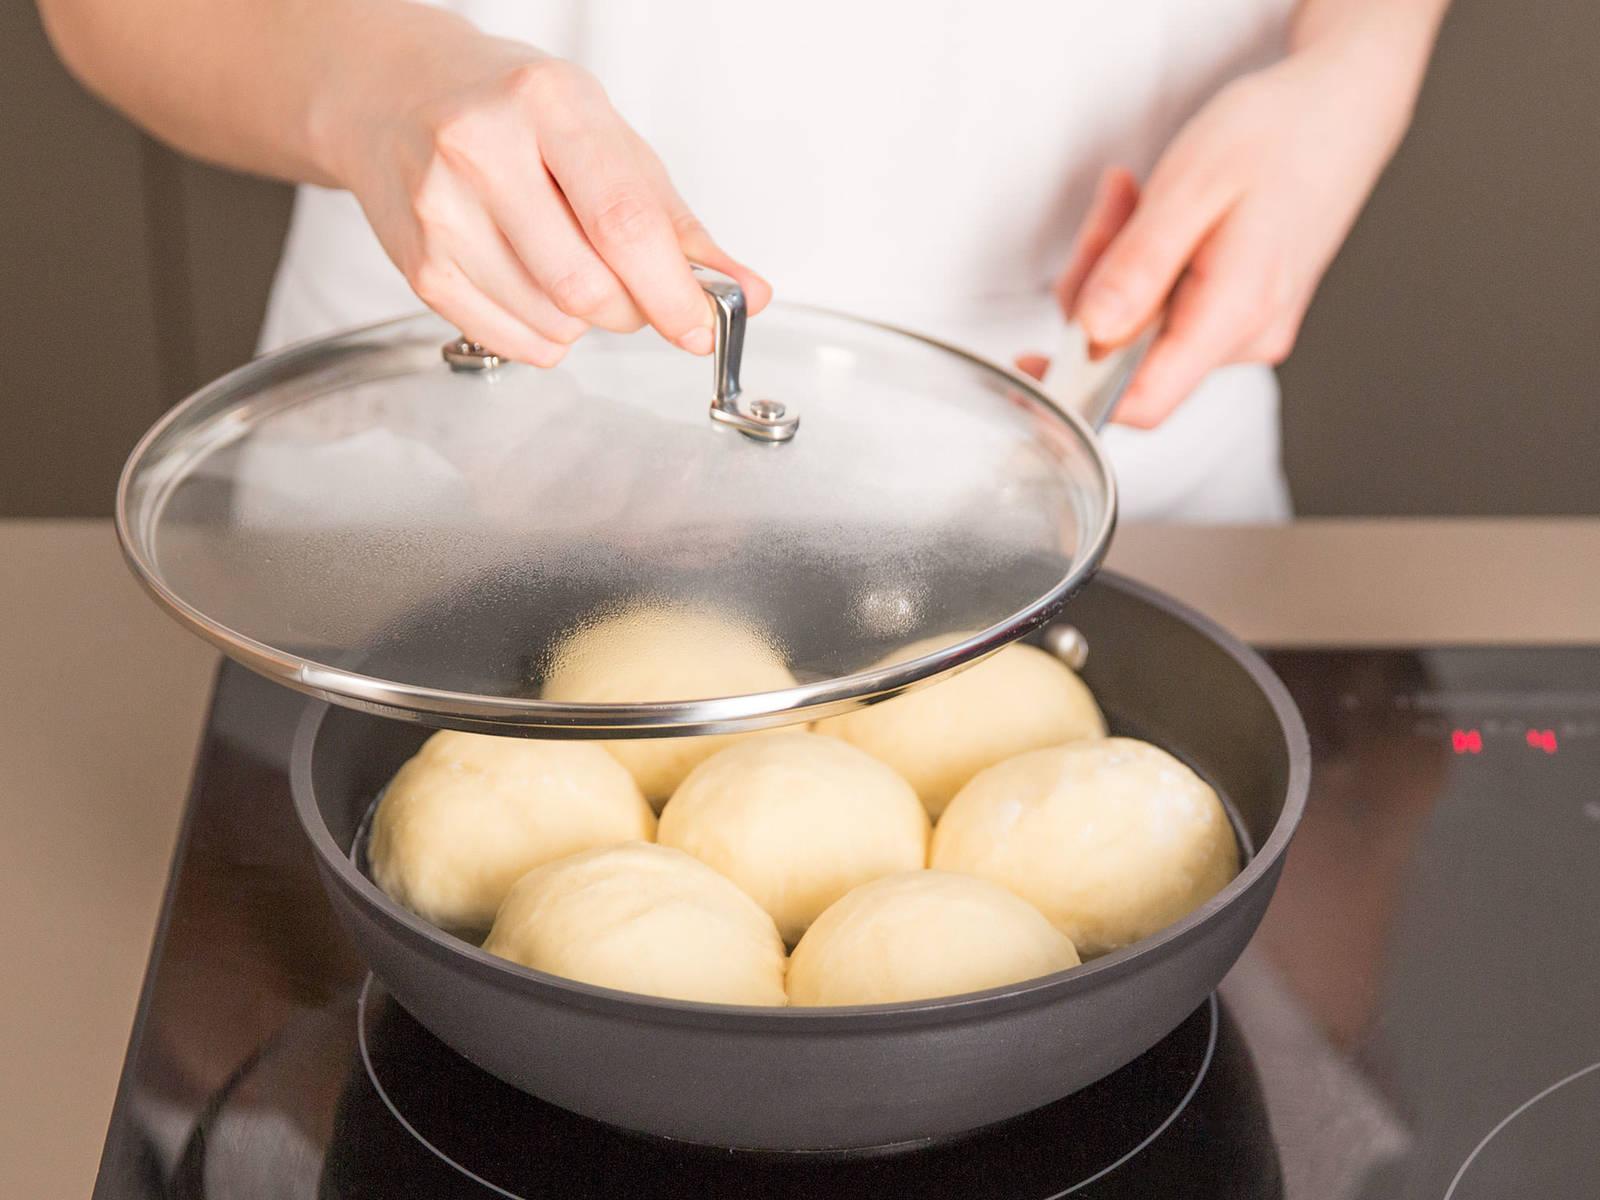 在大煎锅里,用中火将水、一小撮盐和油煮沸。放入小面团,降至低火,加盖煮大约15至20分钟。离火,装盘,淋上香草酱。尽情享用吧!